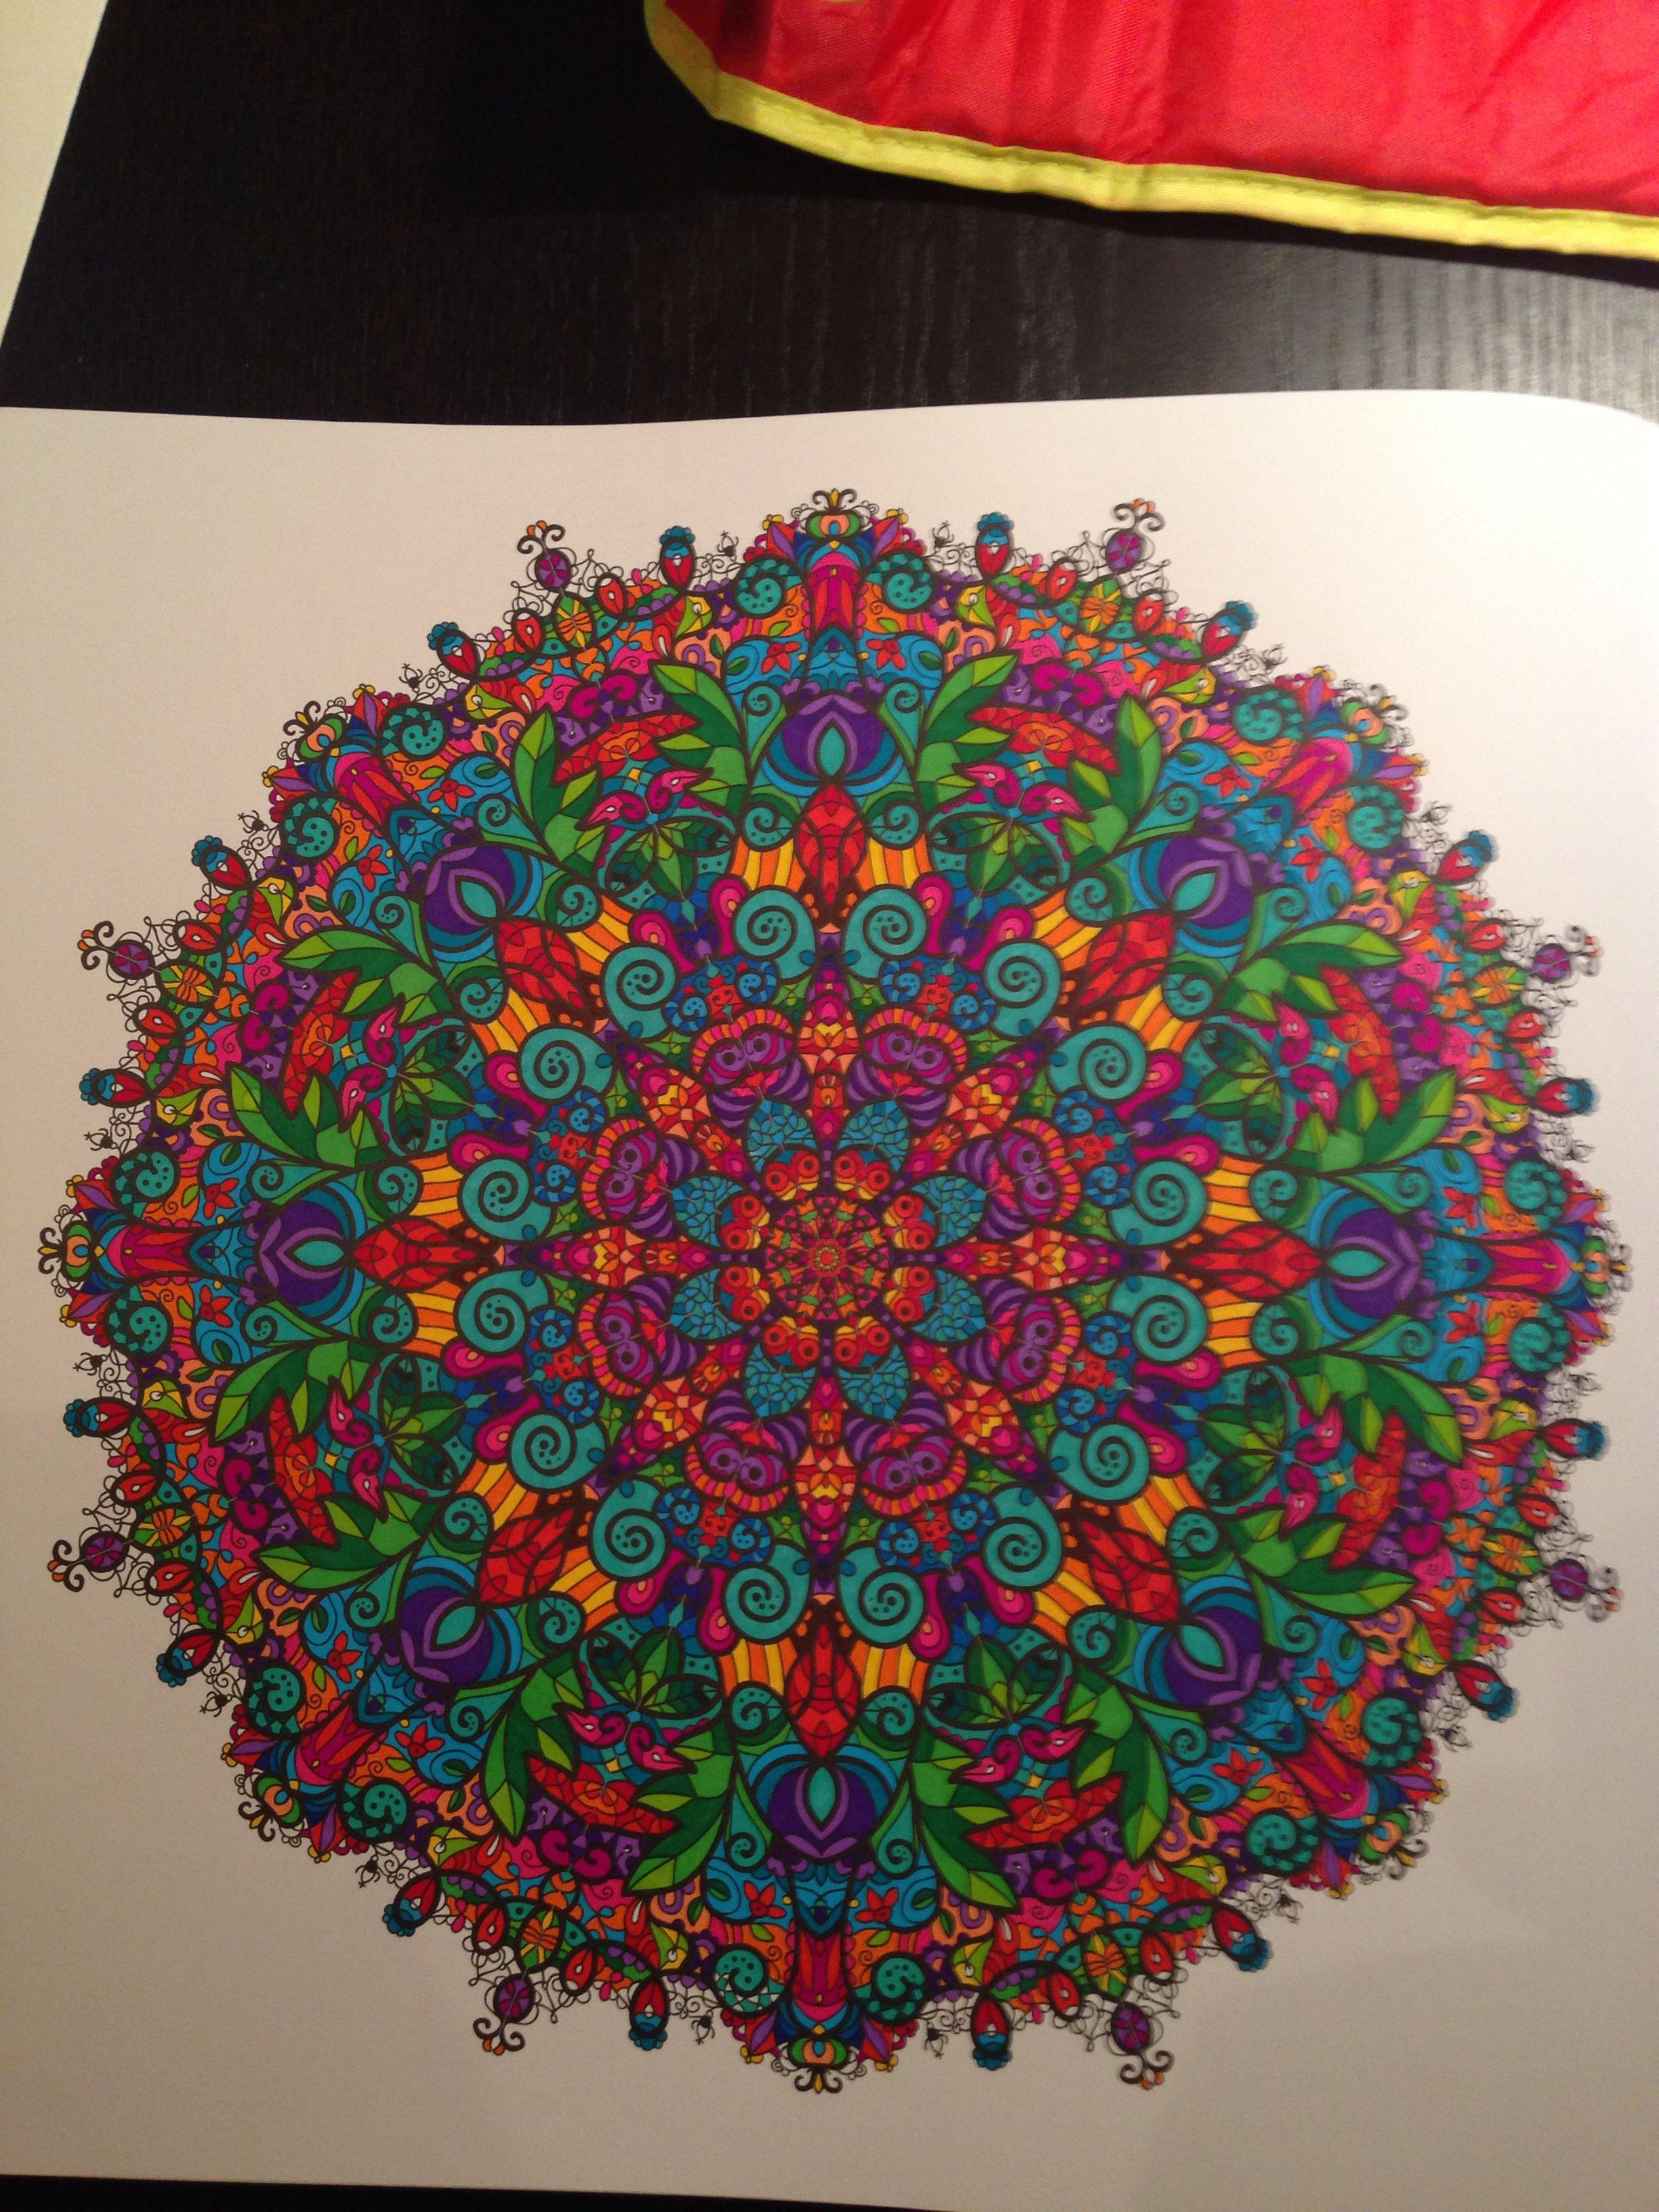 Mandalakleurboek Ingekleurd Met Stabilo Fineliners Mandala Kleurplaten Kleuren Kleurboek